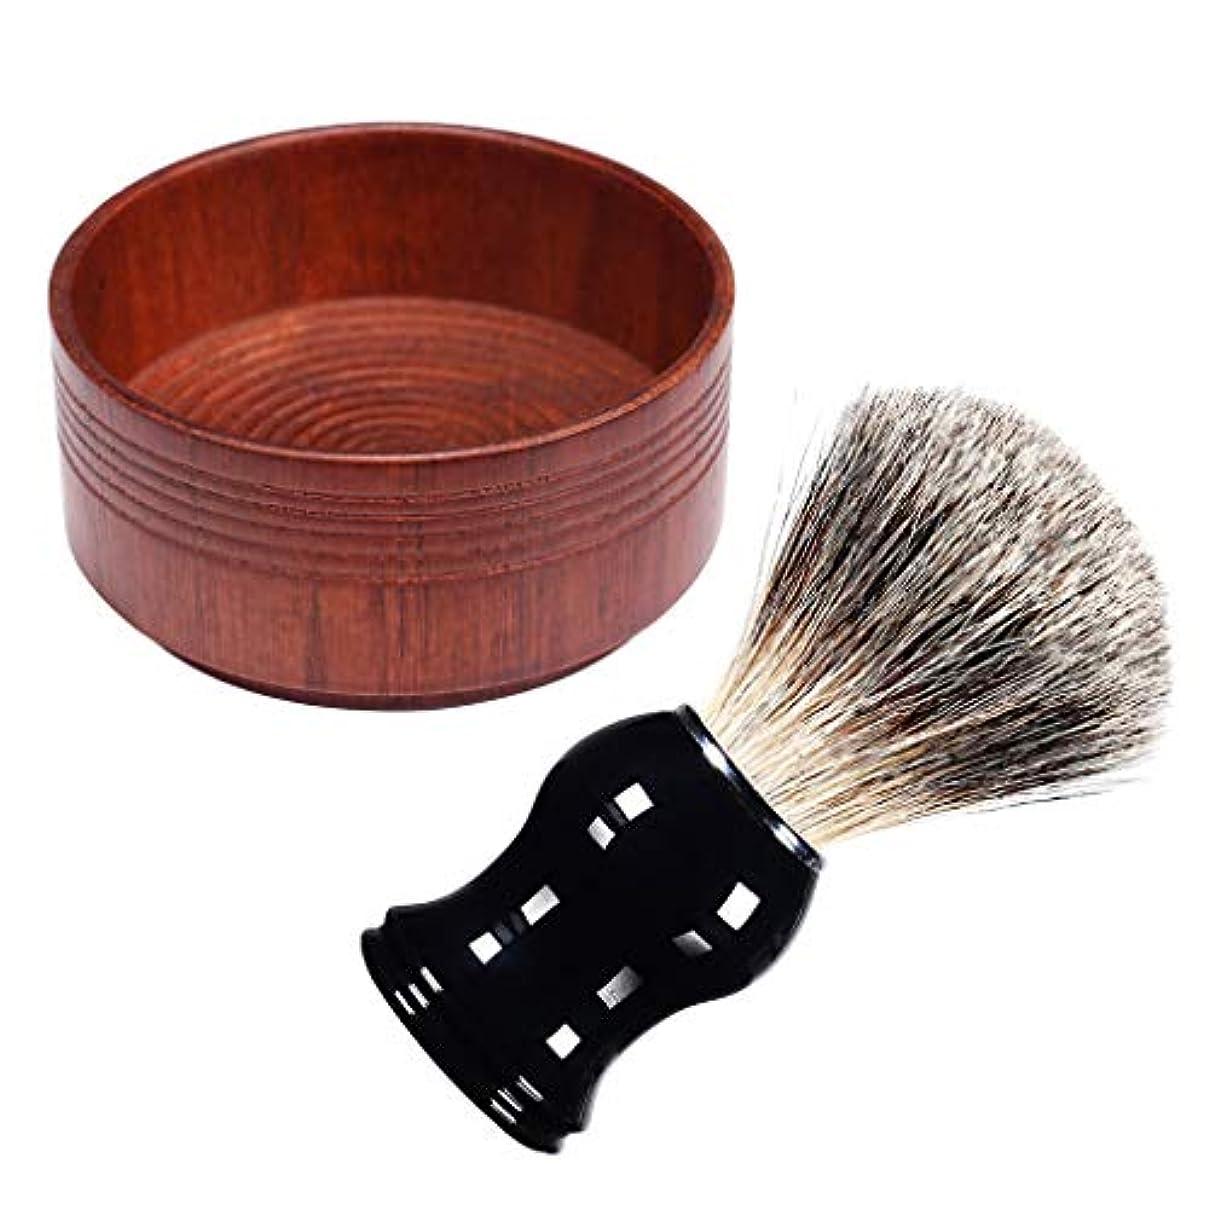 ウィザード人工的な栄光のシェービングブラシ シェービングボウル メンズ用 理容 洗顔 髭剃り メンズ 実用的 全3スタイル - 02, 説明のとおり